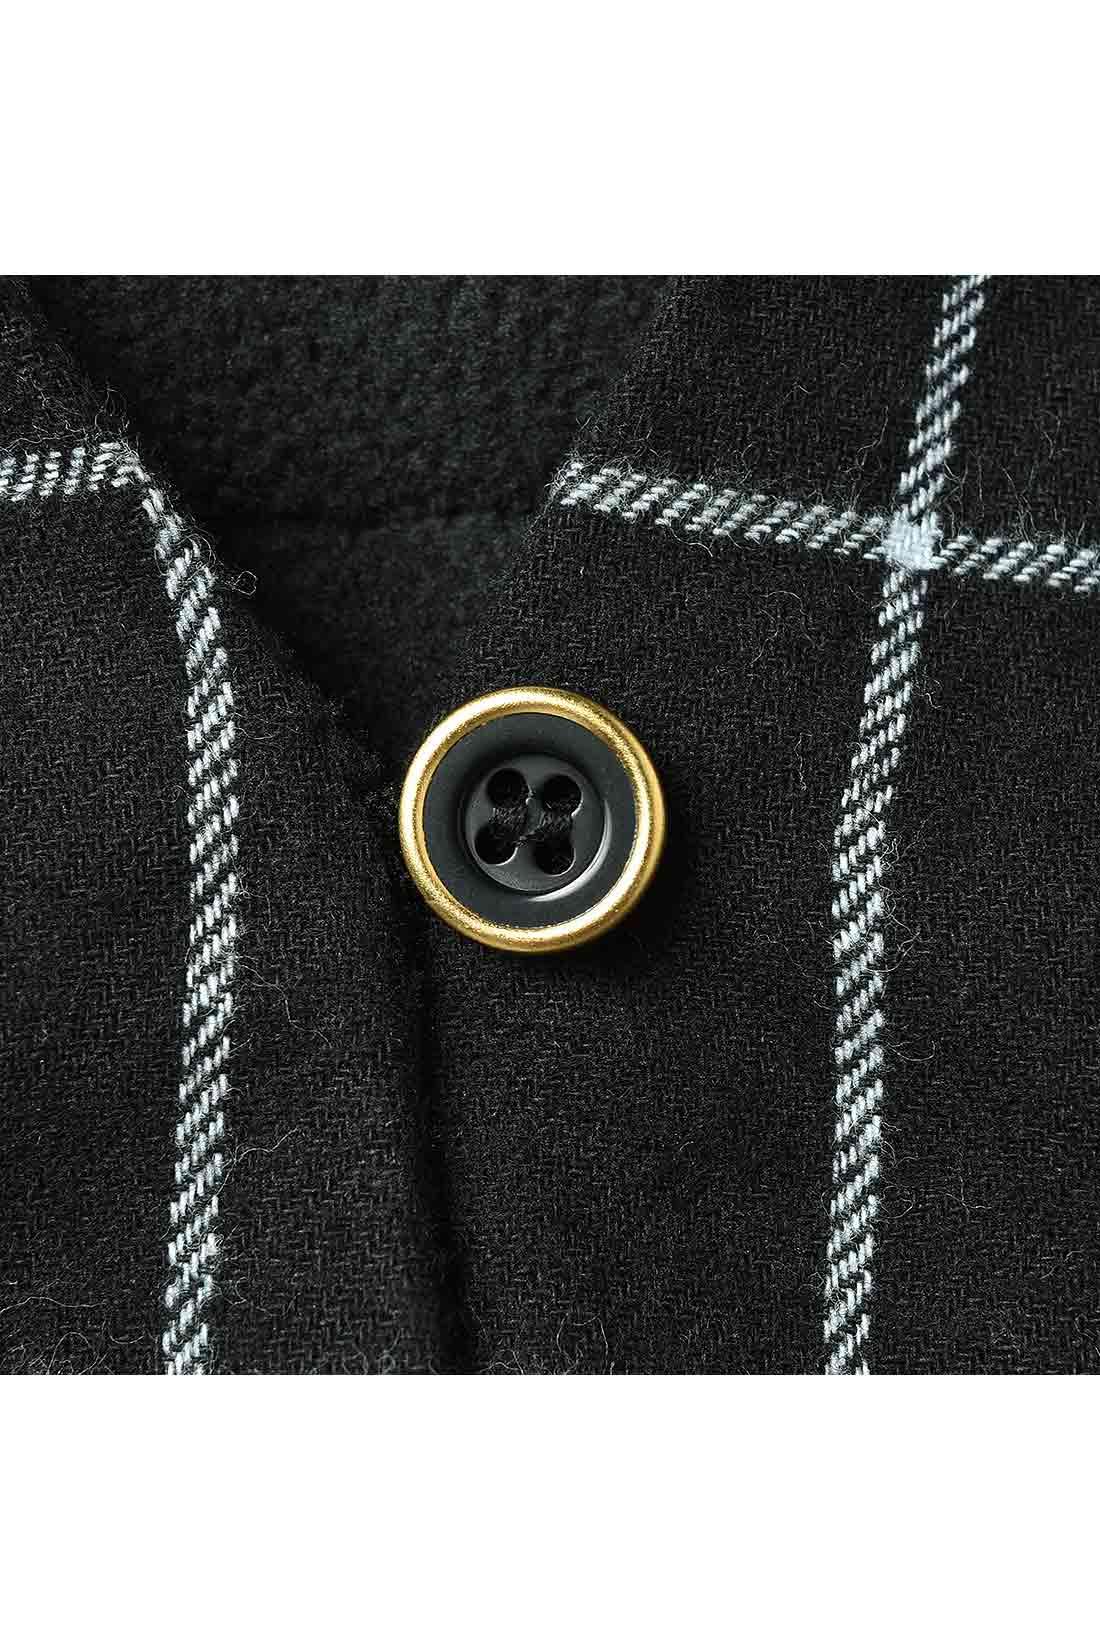 ゴールドカラー遣いのボタンできれいめな印象に。